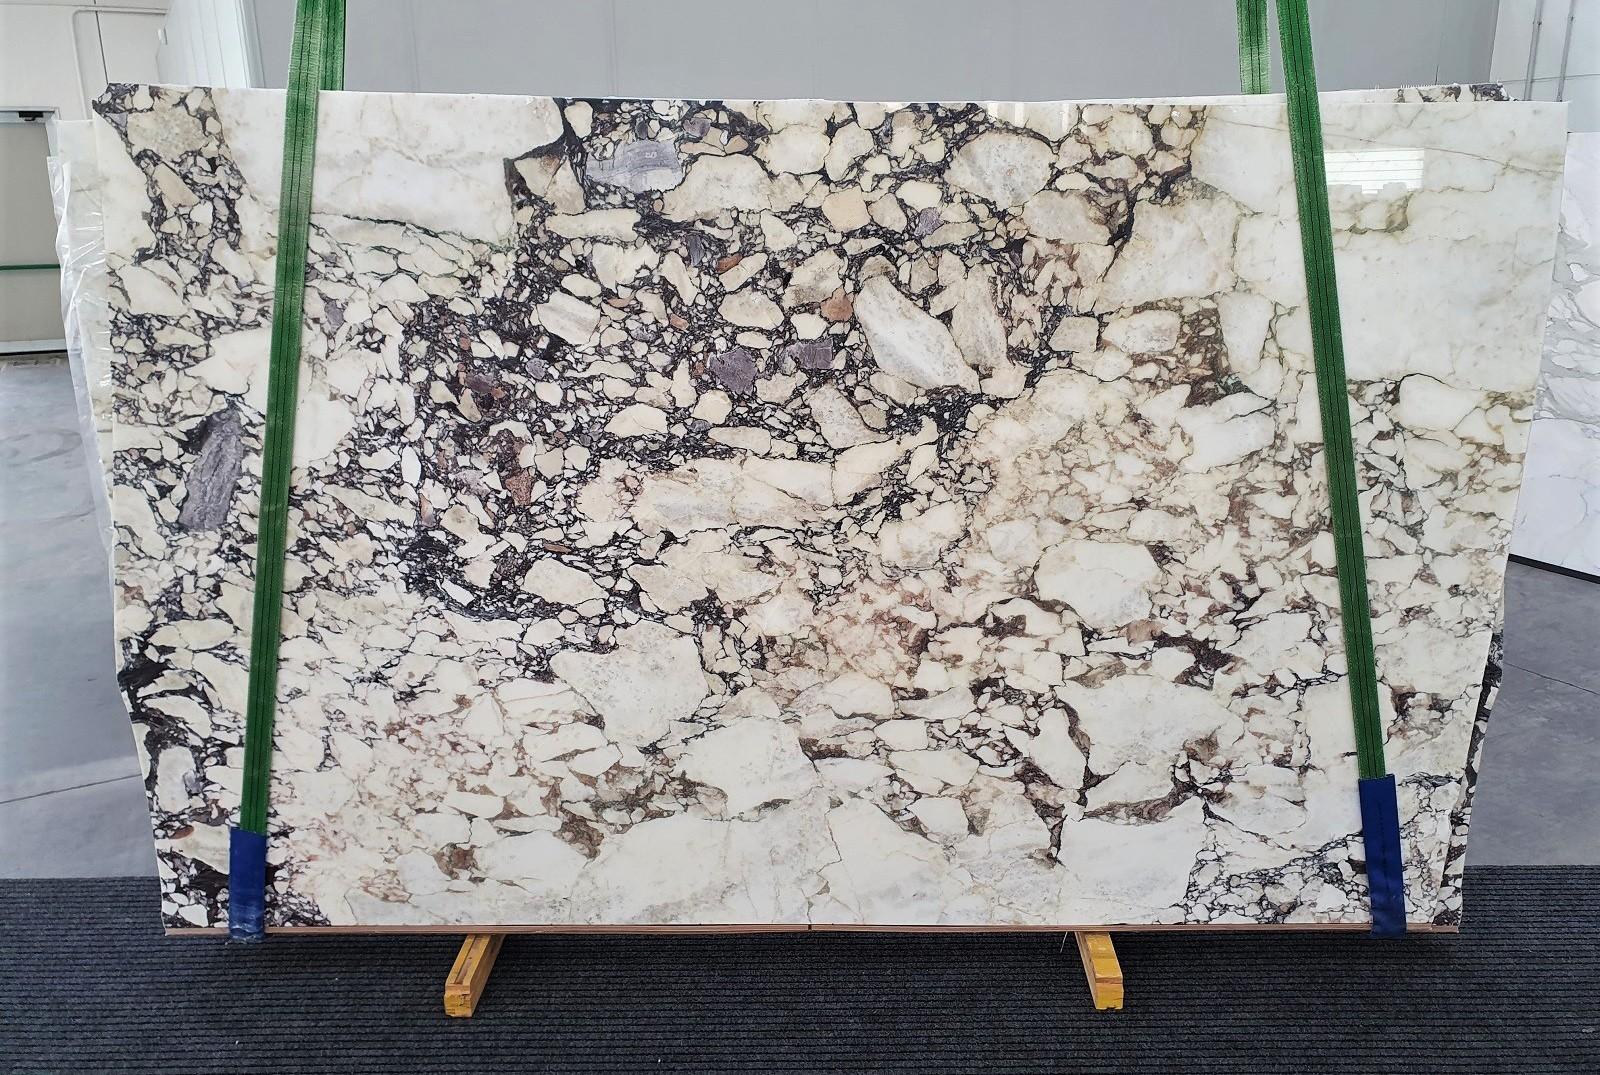 CALACATTA VIOLA Fornitura Veneto (Italia) di lastre grezze lucide in marmo naturale 12911 , Bnd02-Slb116